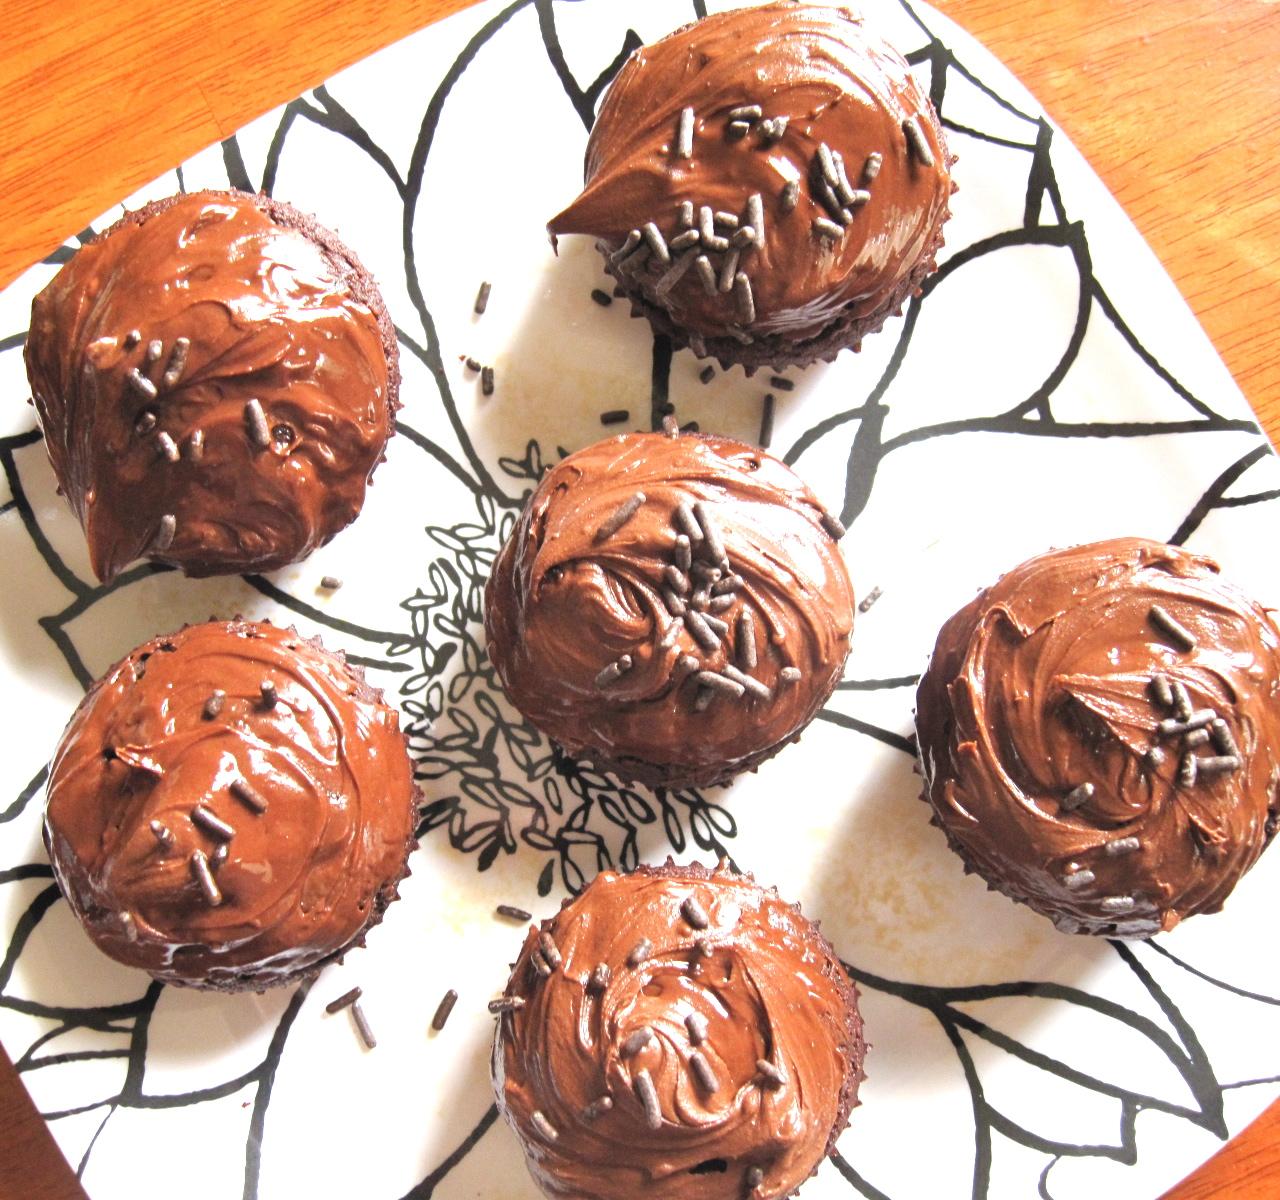 Petite Athleat: Paleo Chocolate Cupcakes